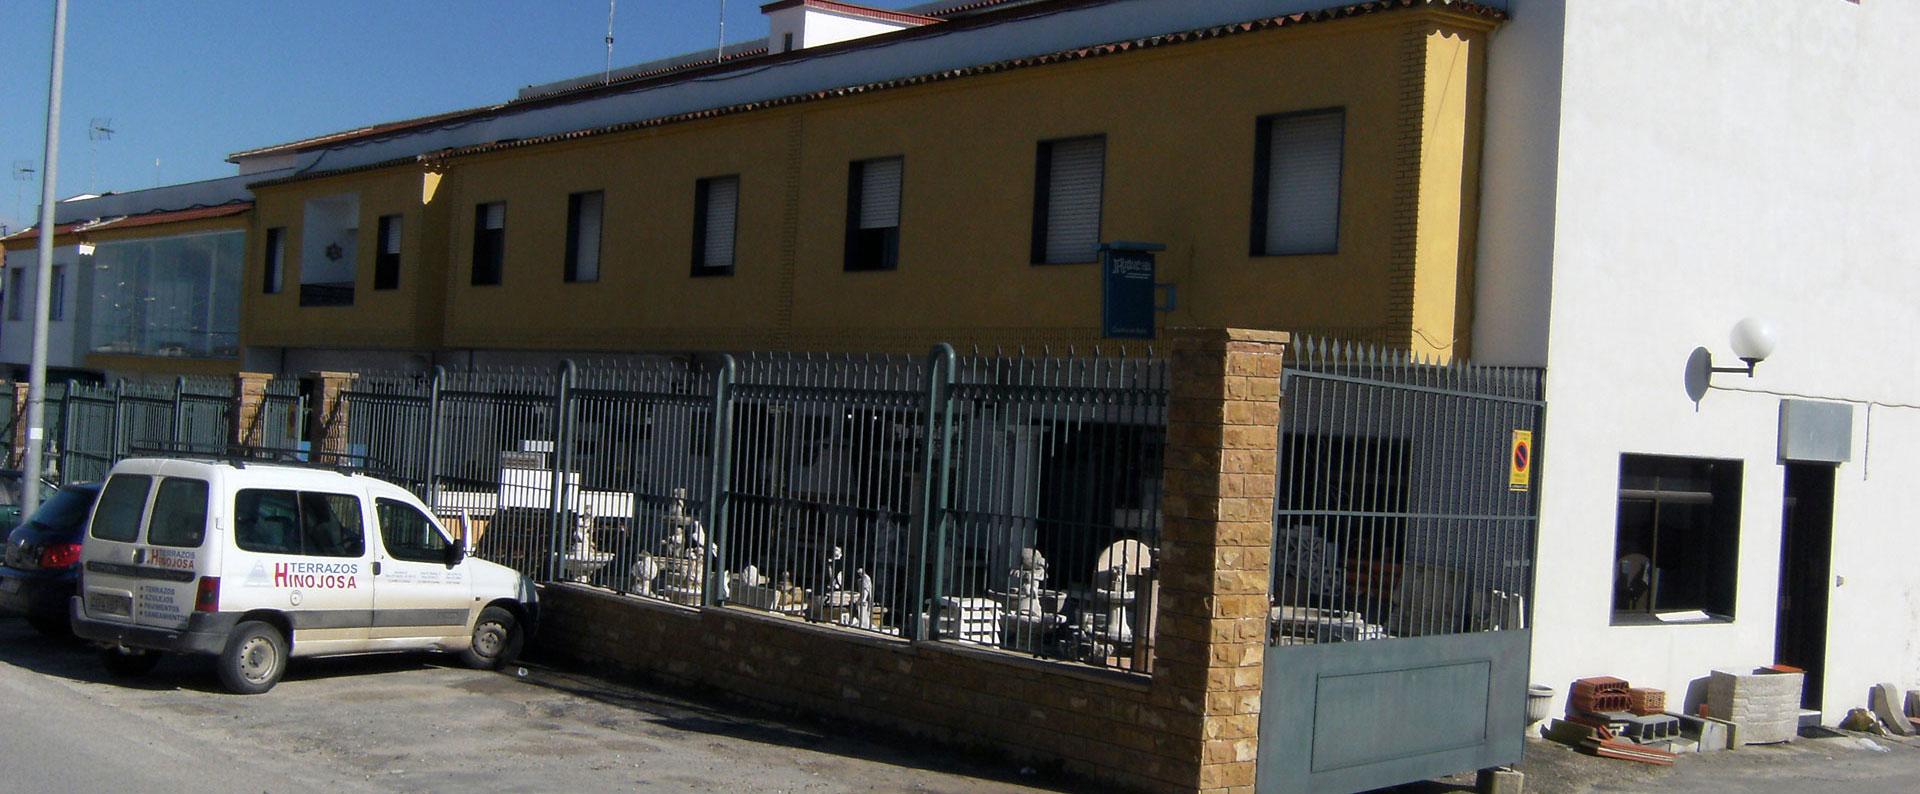 Terrazos hinojosa materiales de construcci n c rdoba sevilla - Materiales de construccion sevilla ...